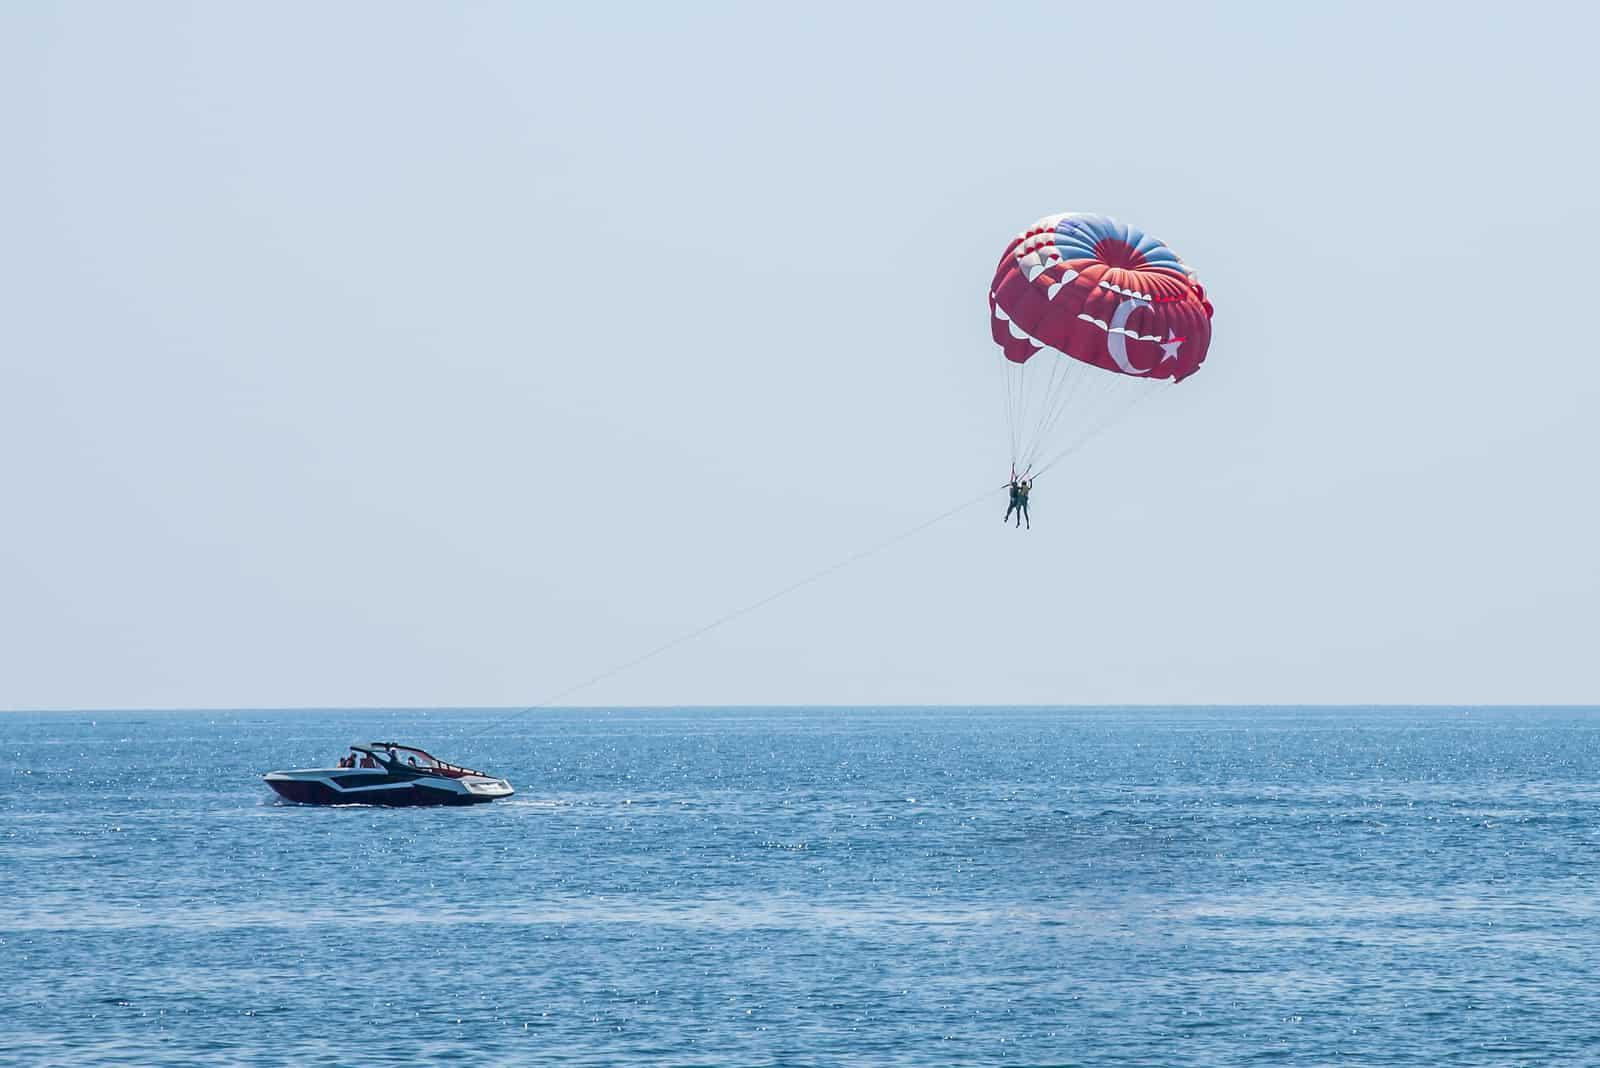 Människor med fallskärm